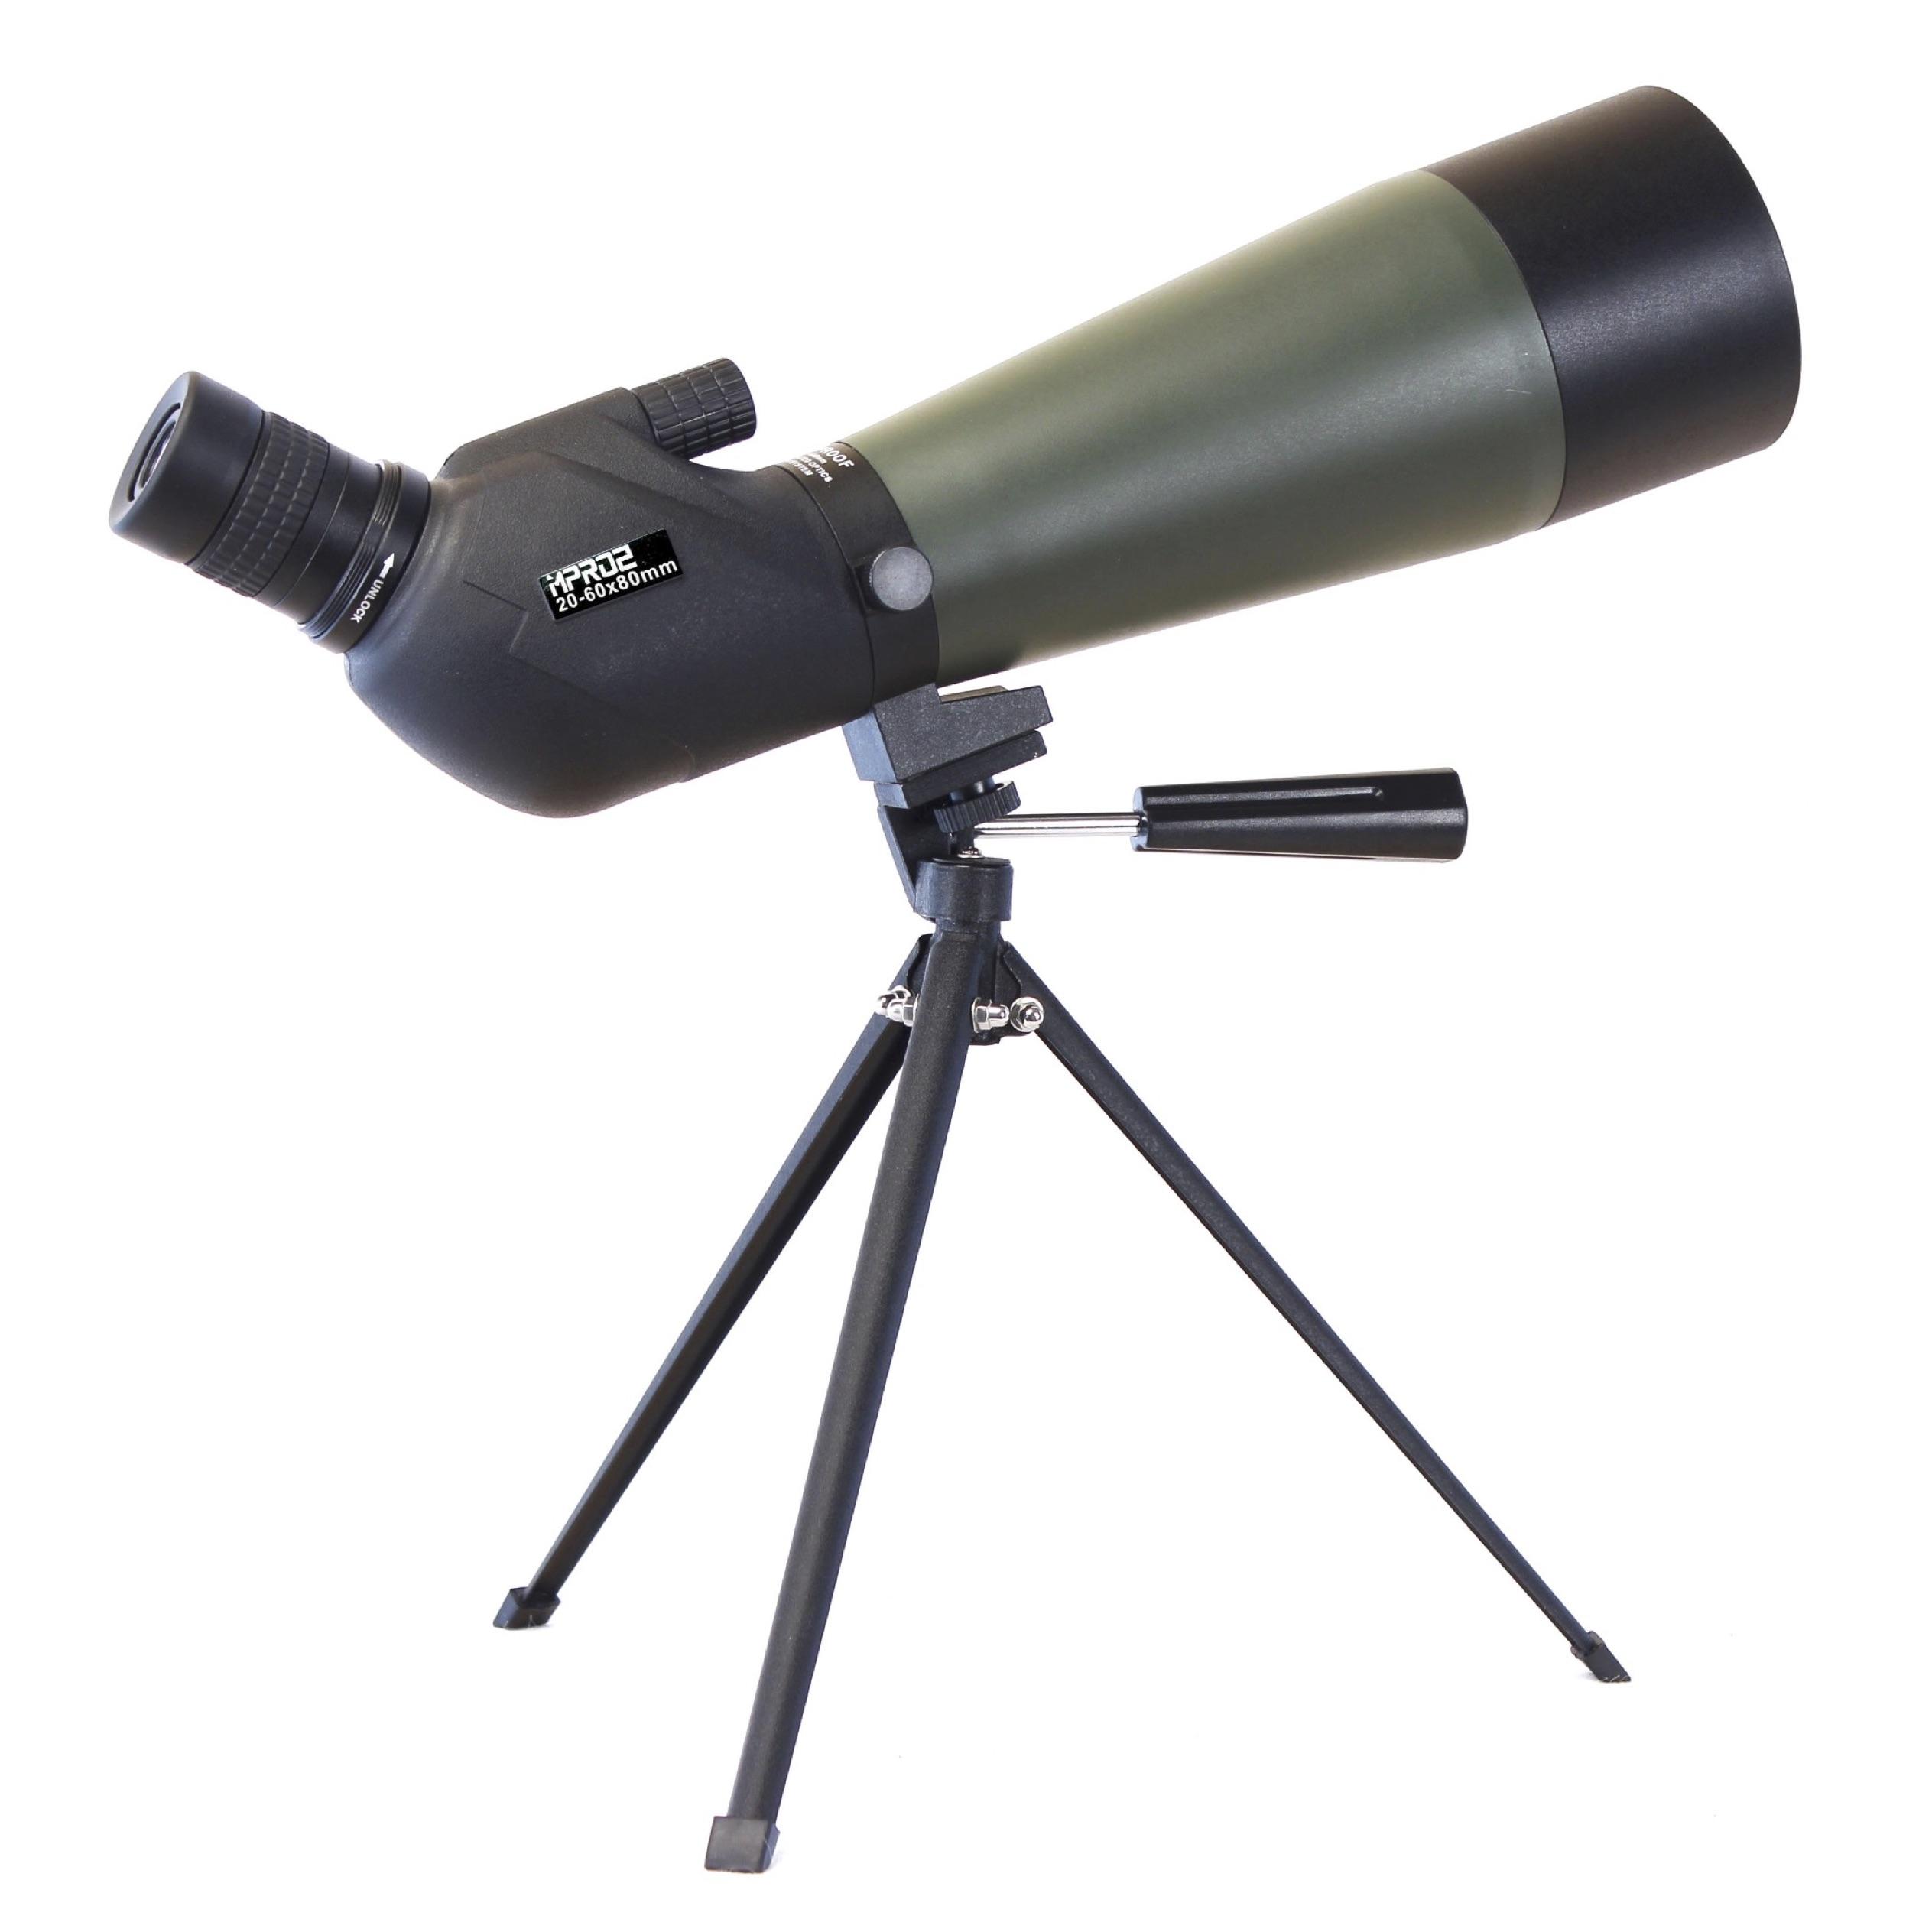 Longue-Vue TecTecTec MPRO2 Longue Vue 60x80 grossissement extrême - clarté extrême - avec trépied et sac de transport - zoom optique8